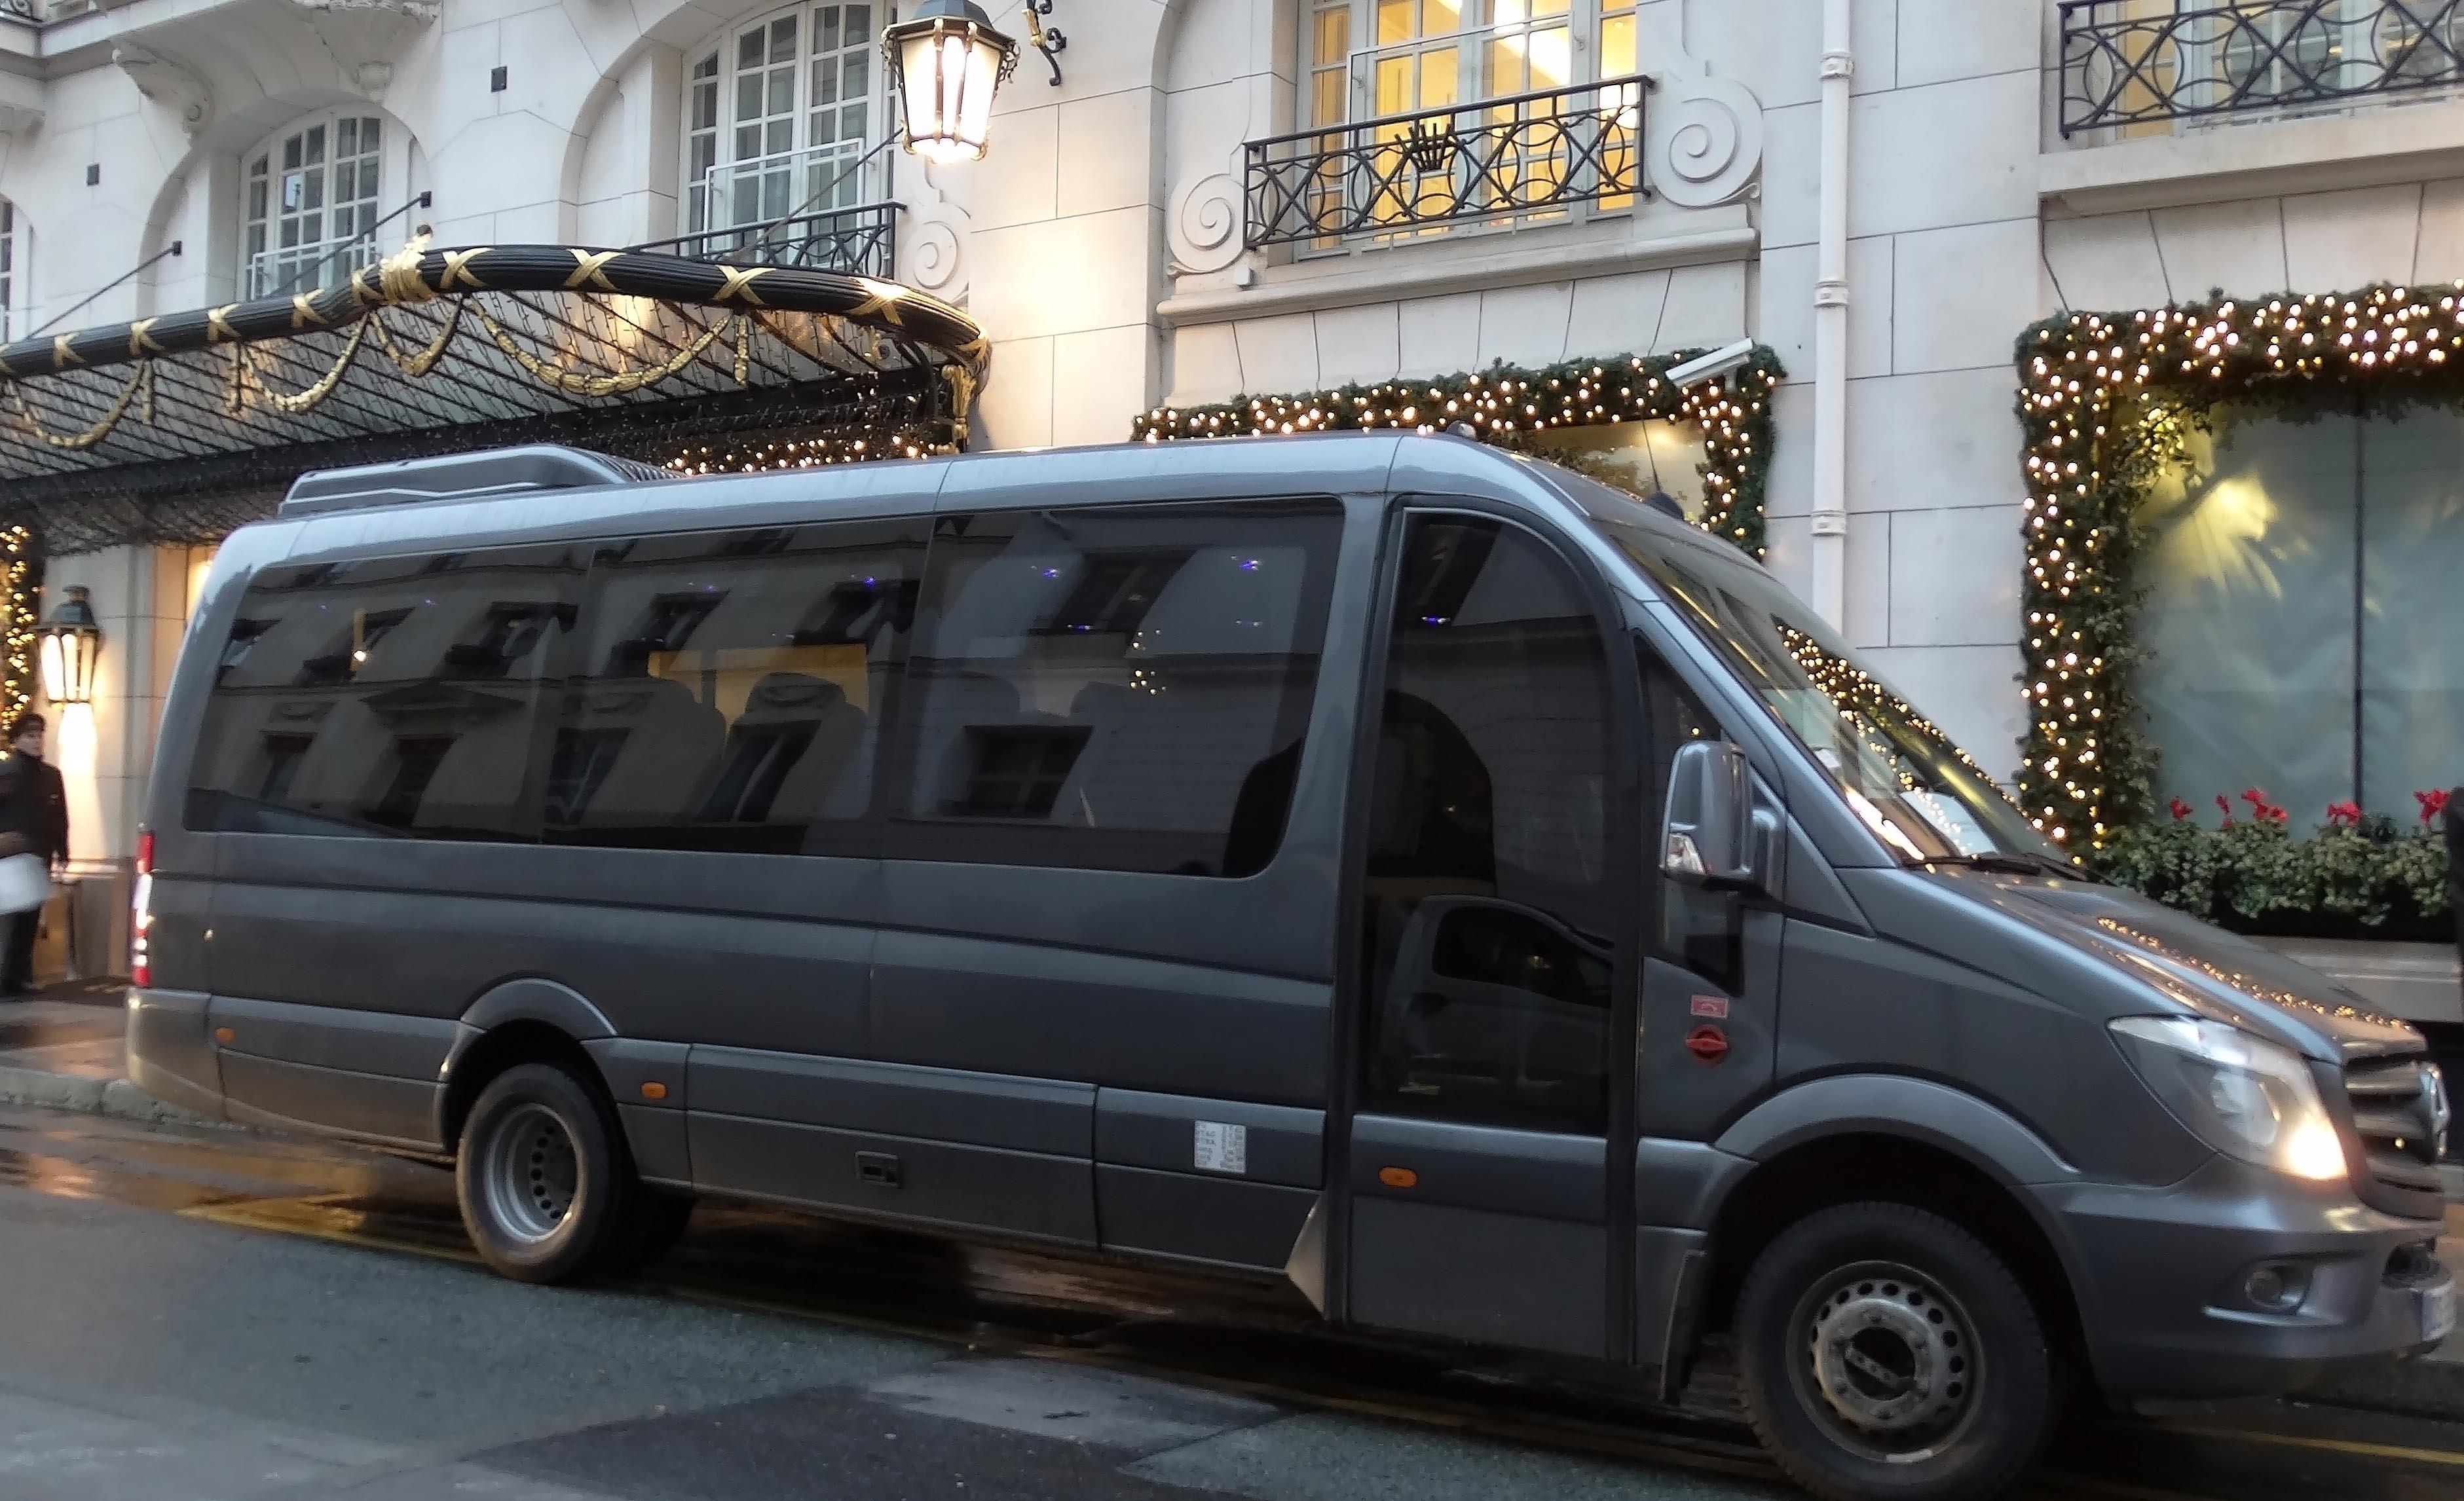 transferts a roport et location de voiture avec chauffeur priv france luxury cab. Black Bedroom Furniture Sets. Home Design Ideas